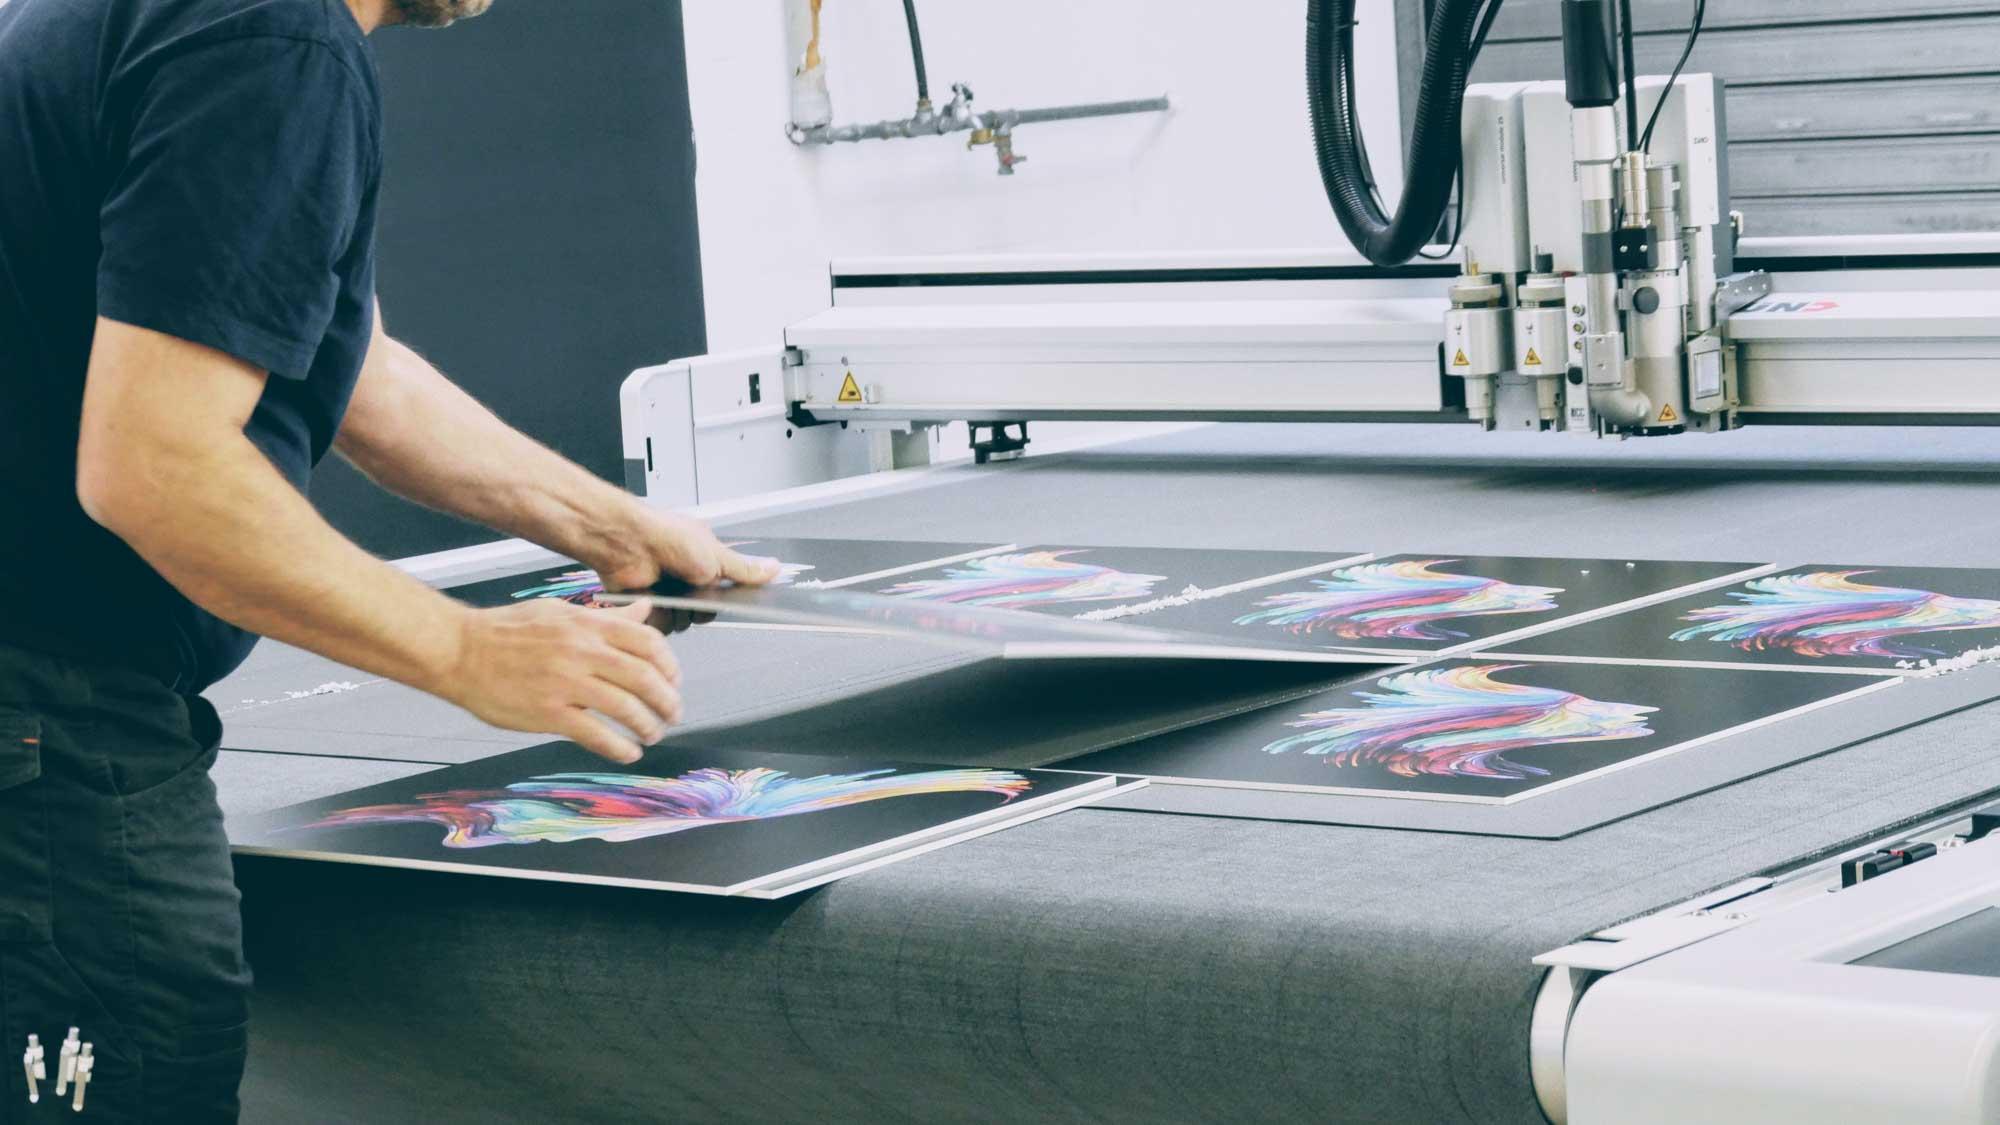 R-Color - Ihre Druckerei für Digitaldruck, Siebdruck und Werbetechnik